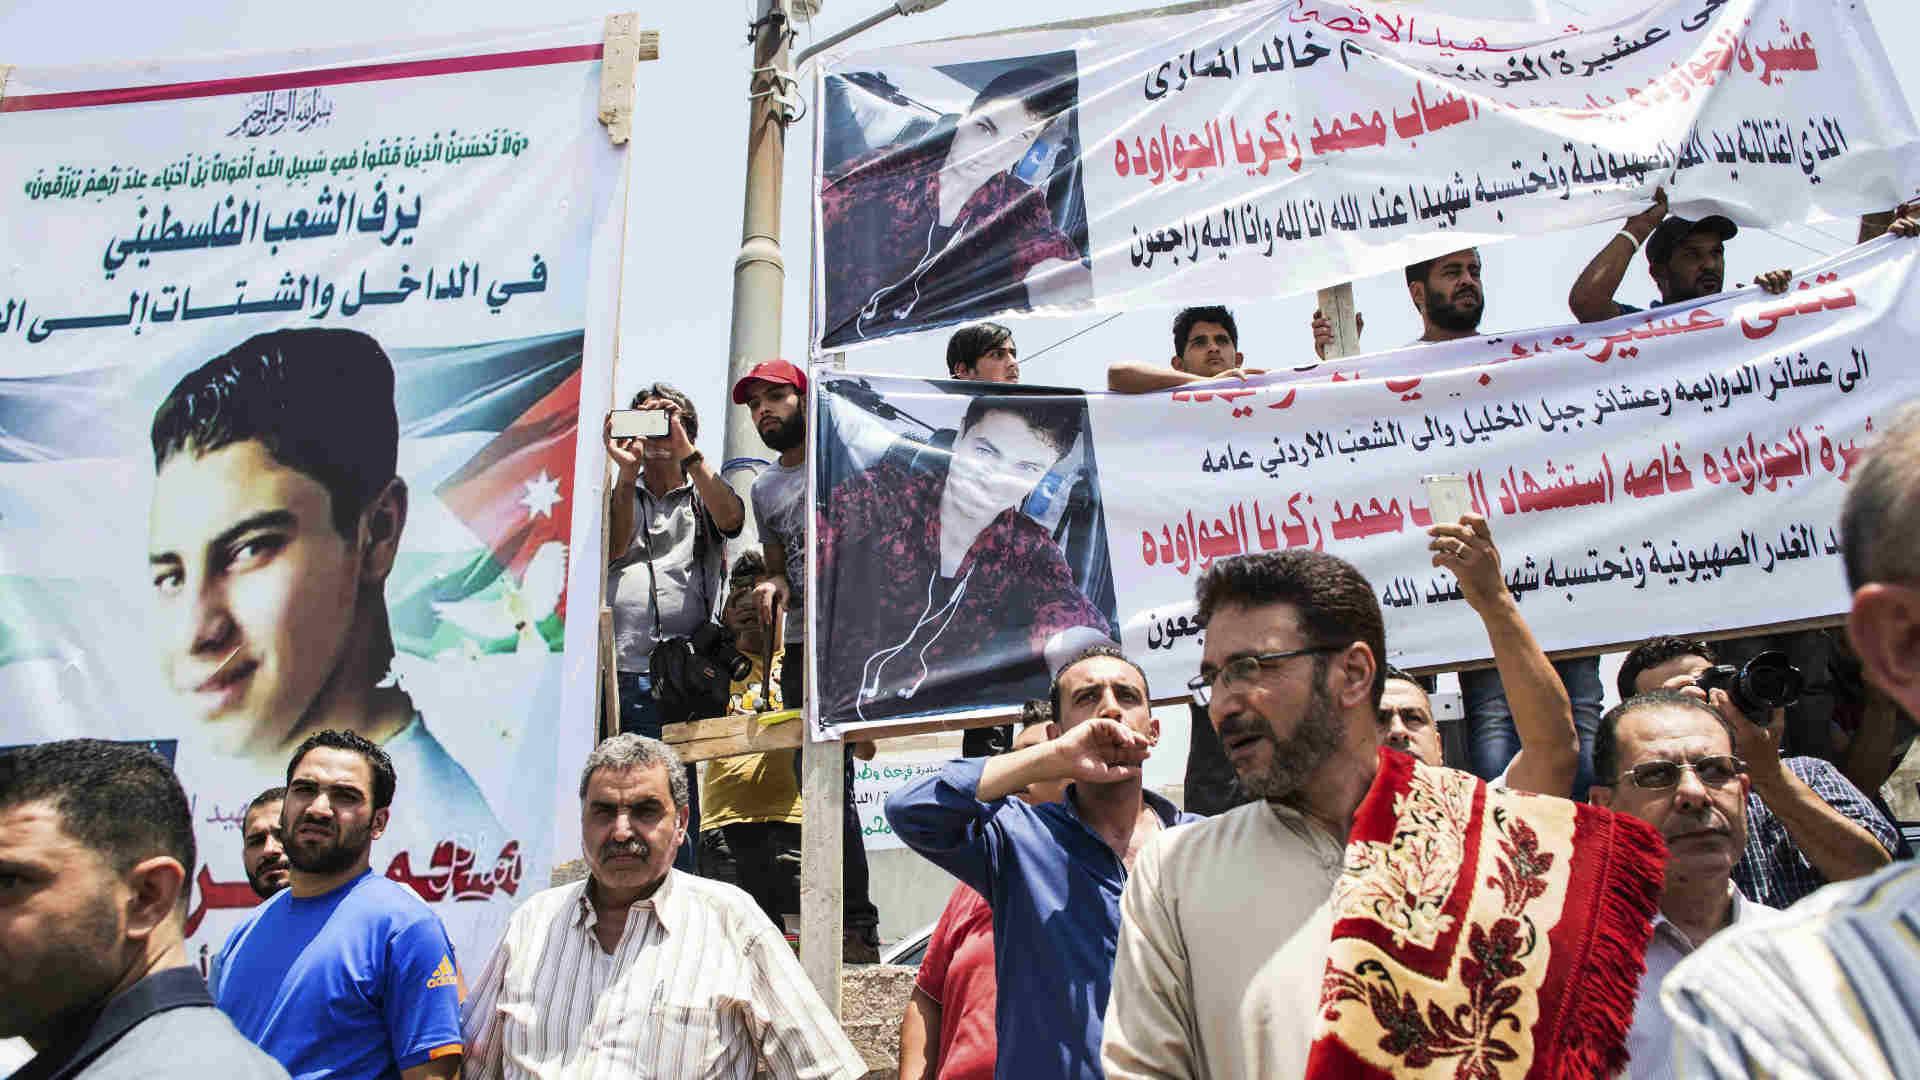 מפגינים בעמאן עם תמונותיו של הנער שנהרג בשגרירות